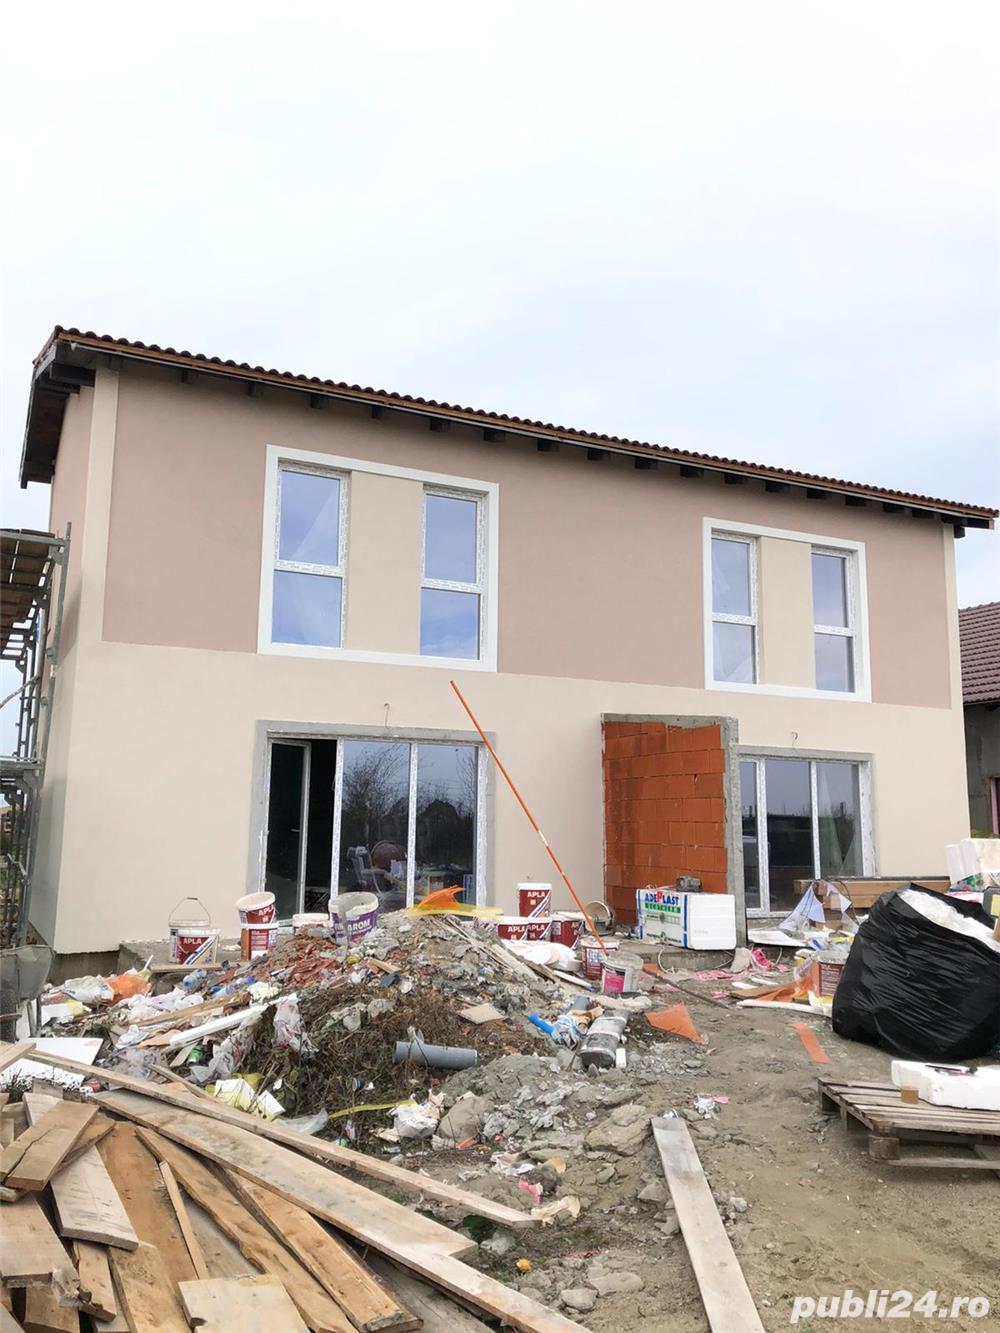 1/2 duplex in Dumbravita 92990 euro finalizat